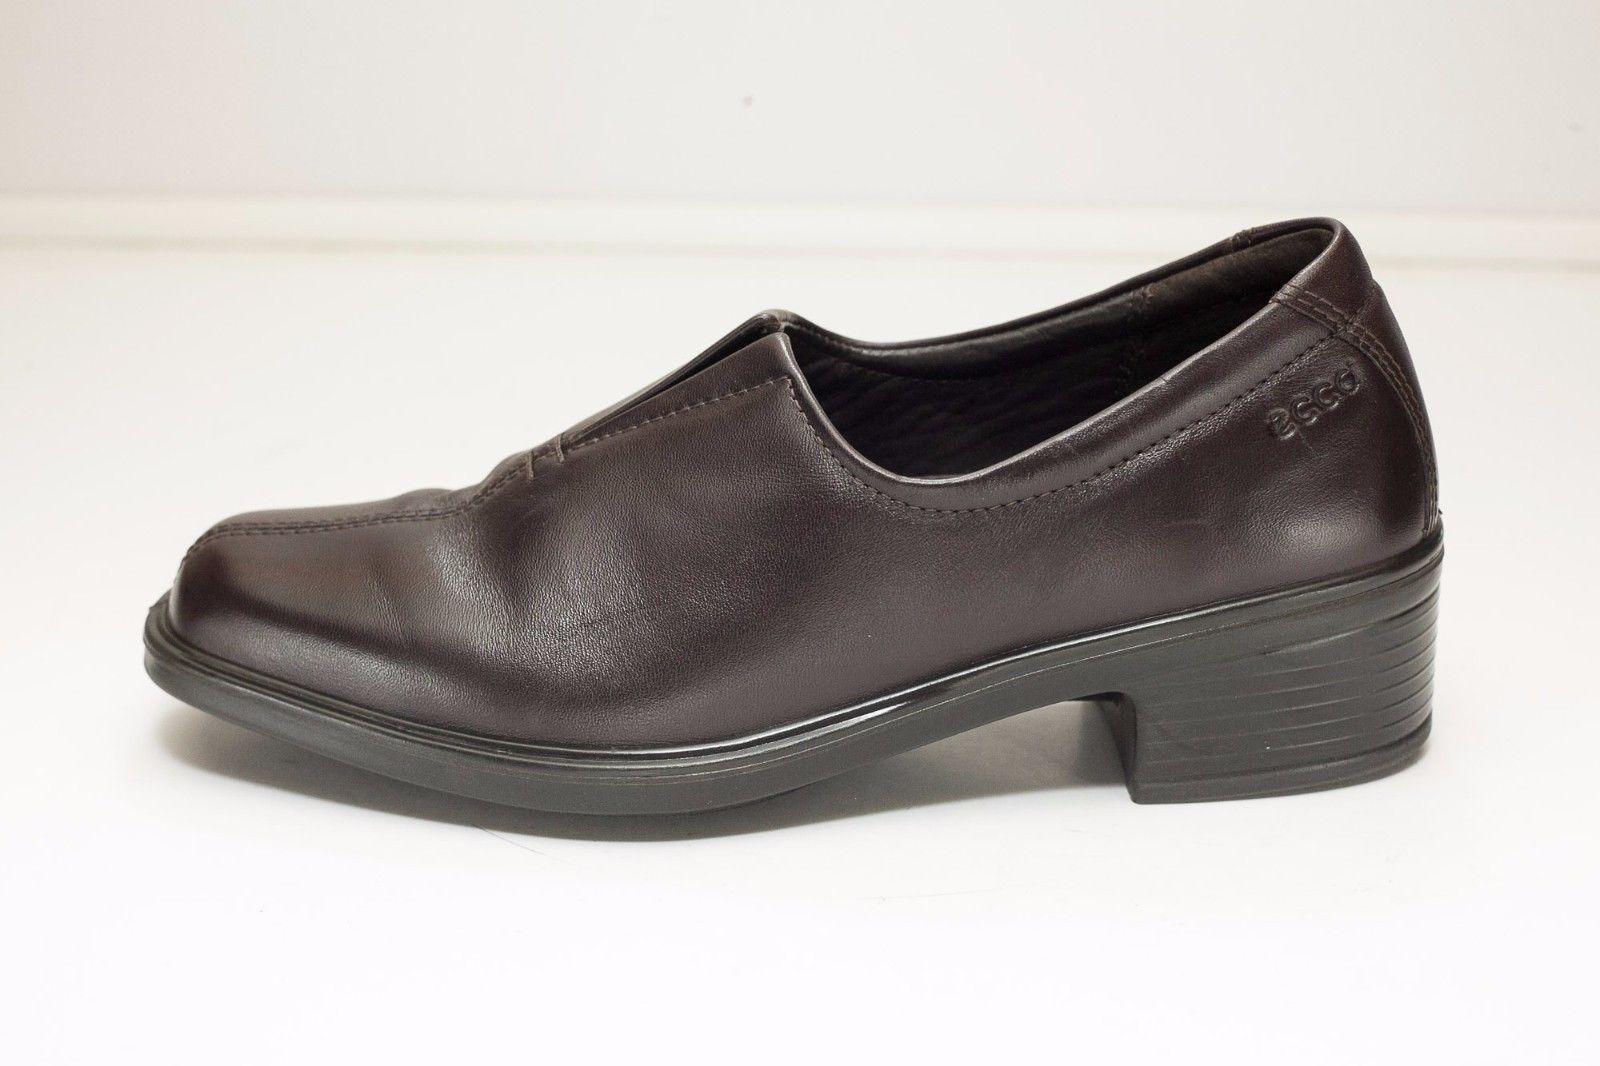 ECCO 5 5.5 Brown Slip On Shoes EU 36 Women's